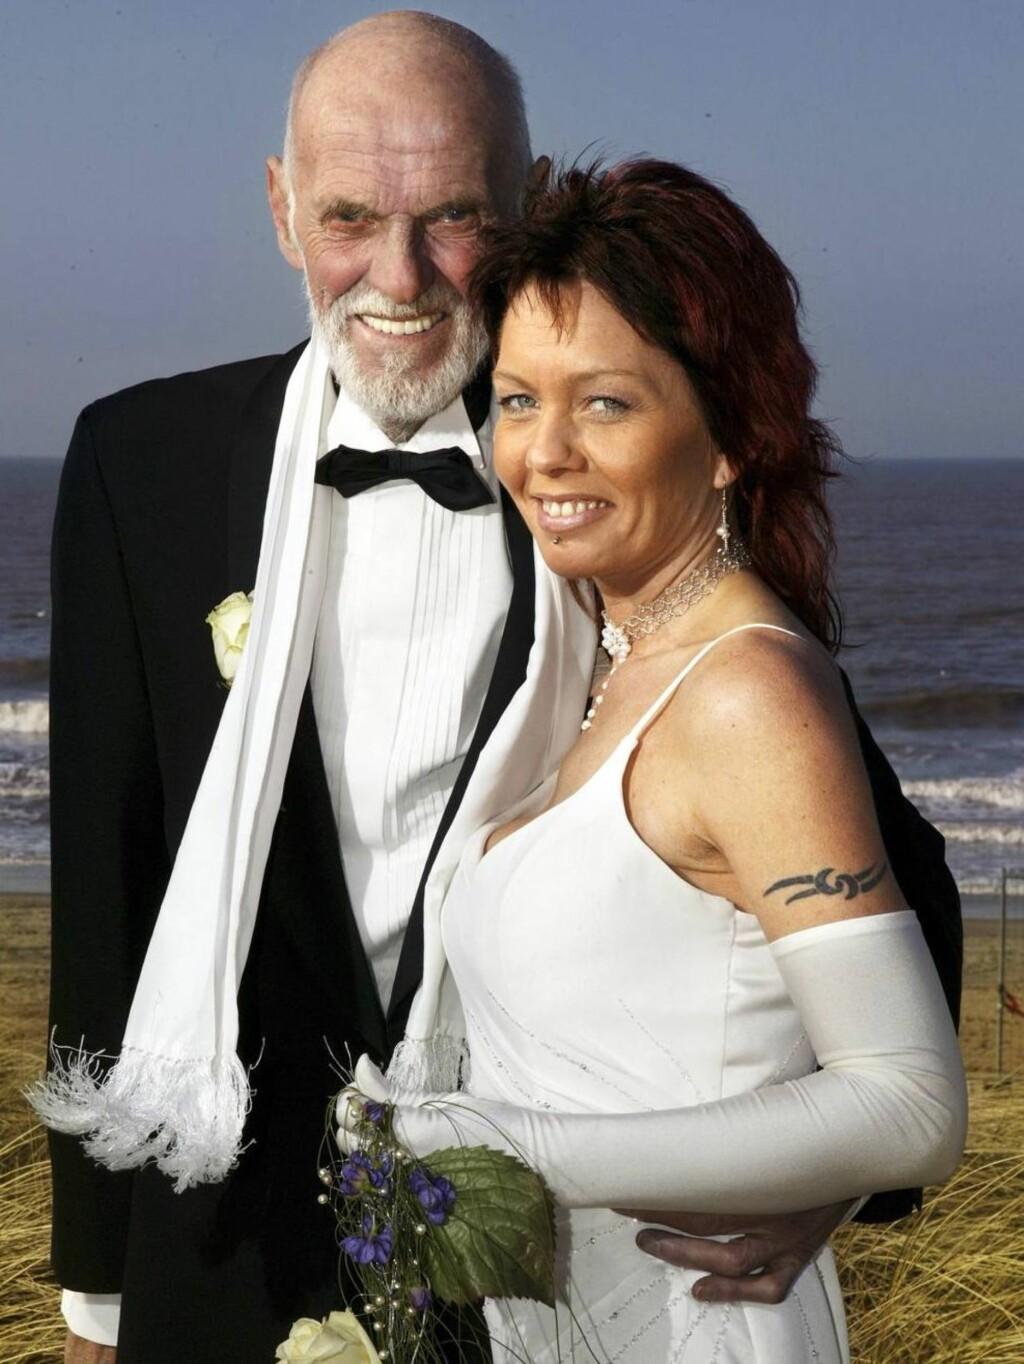 SEPARERT: 11. mars i fjor giftet Sven O. Høiby seg med eks-stripperen Renate. Men ekteskapet varte bare i tre måneder Foto: Se og Hør